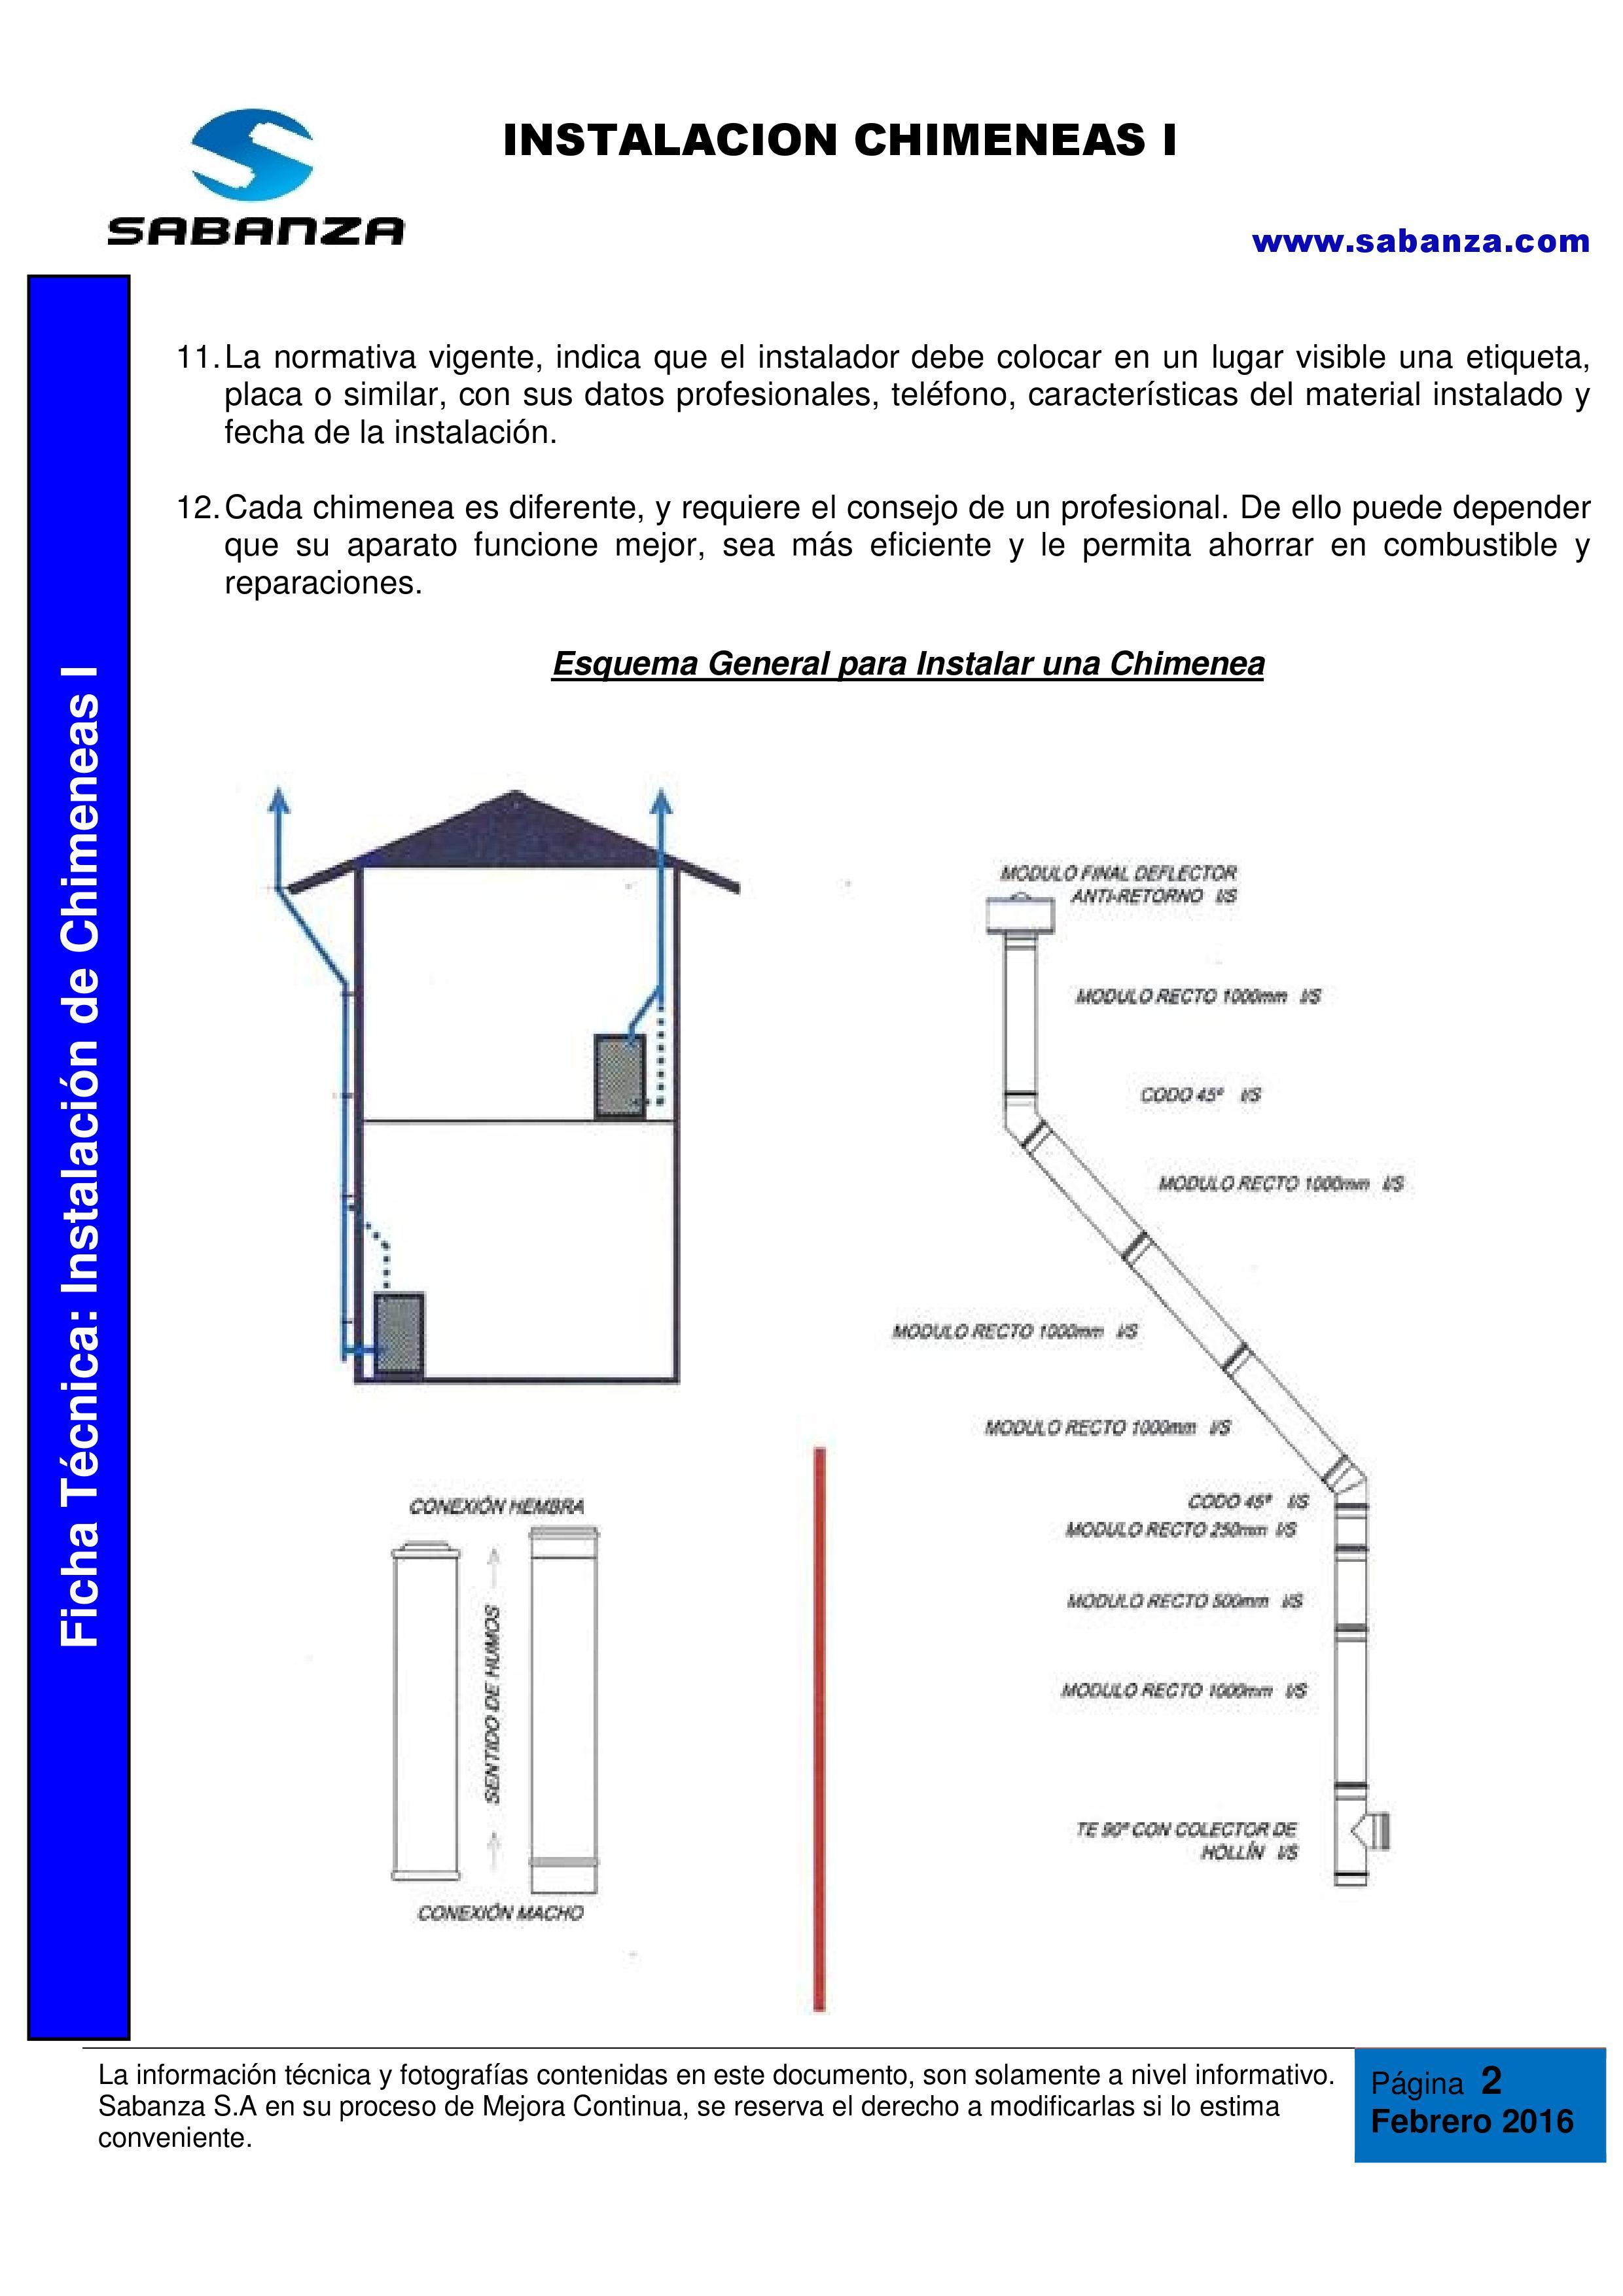 Ficha Técnica: Instalación de Chimeneas I